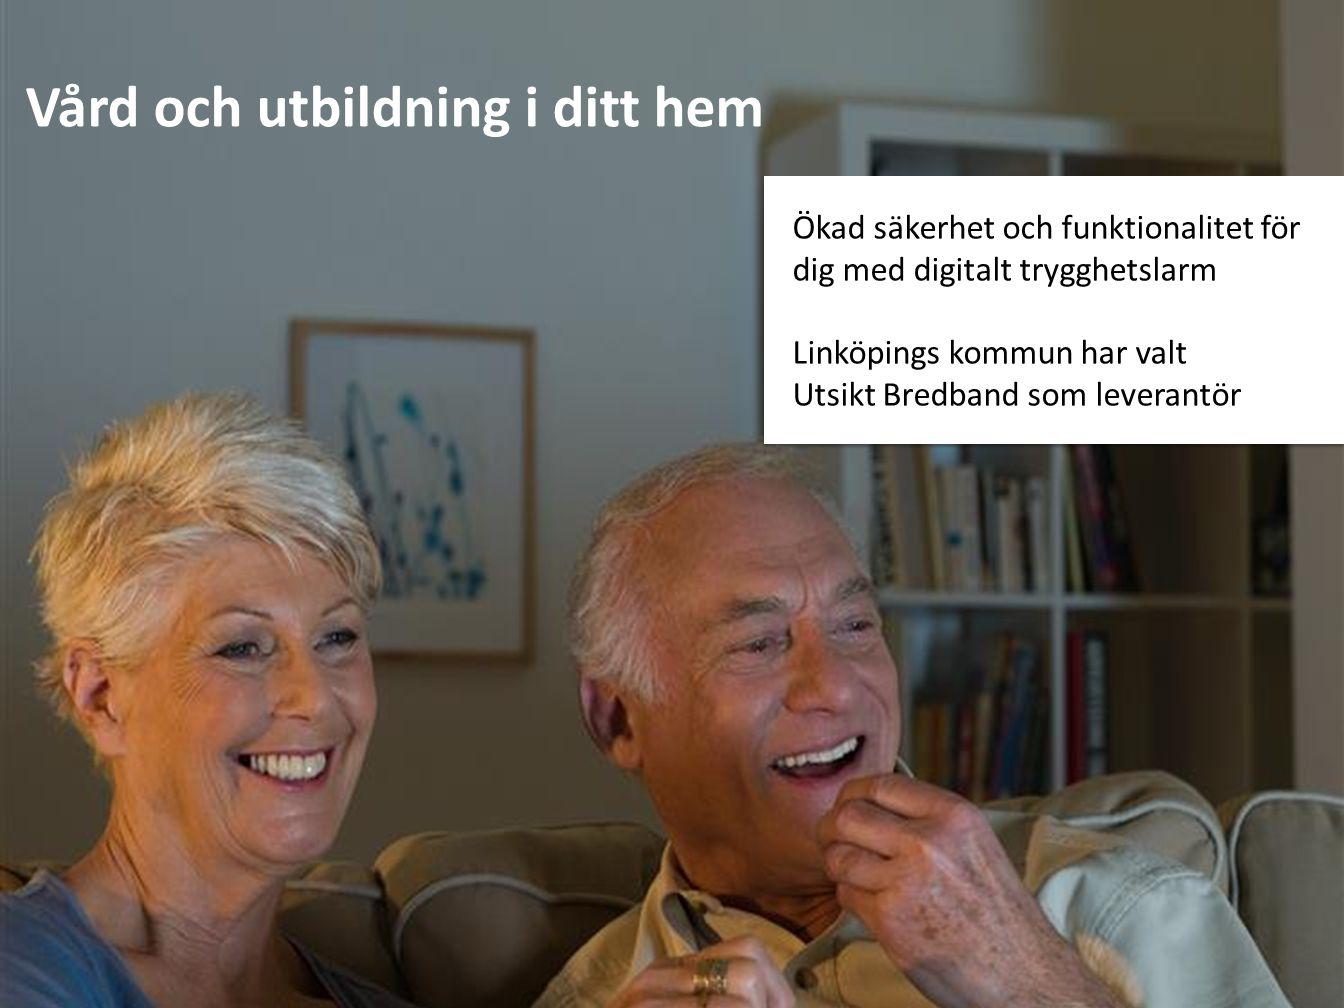 Vård och utbildning i ditt hem Ökad säkerhet och funktionalitet för dig med digitalt trygghetslarm Linköpings kommun har valt Utsikt Bredband som leve